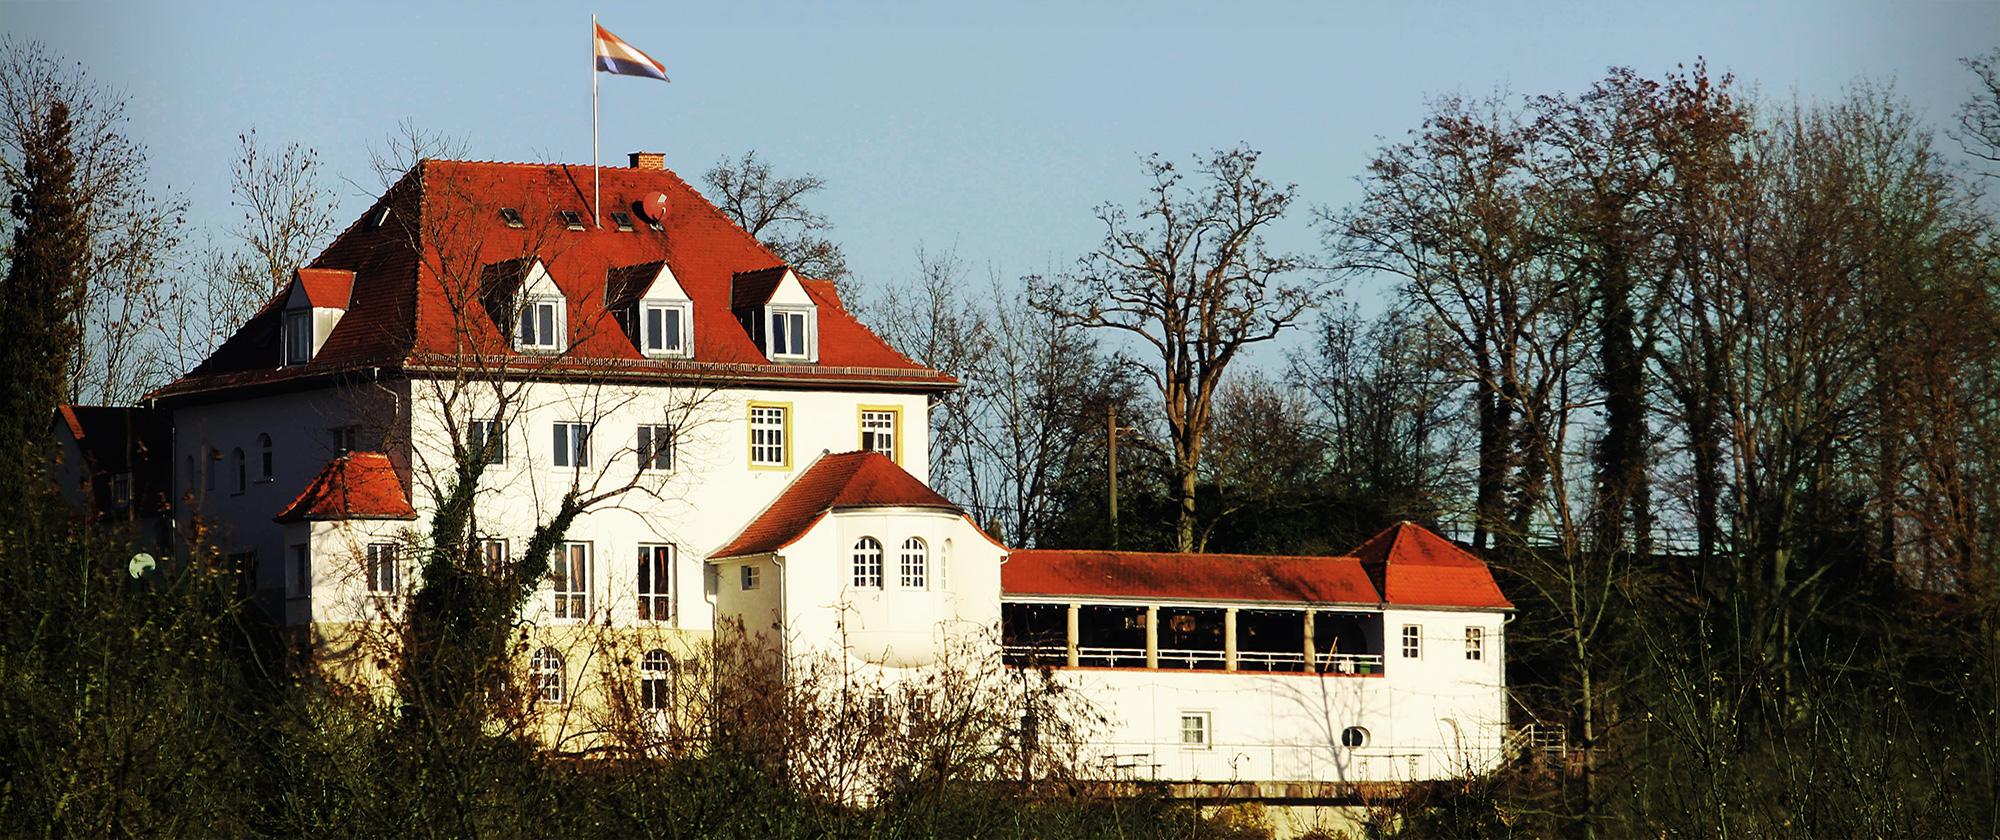 Unser Haus B Derendingia